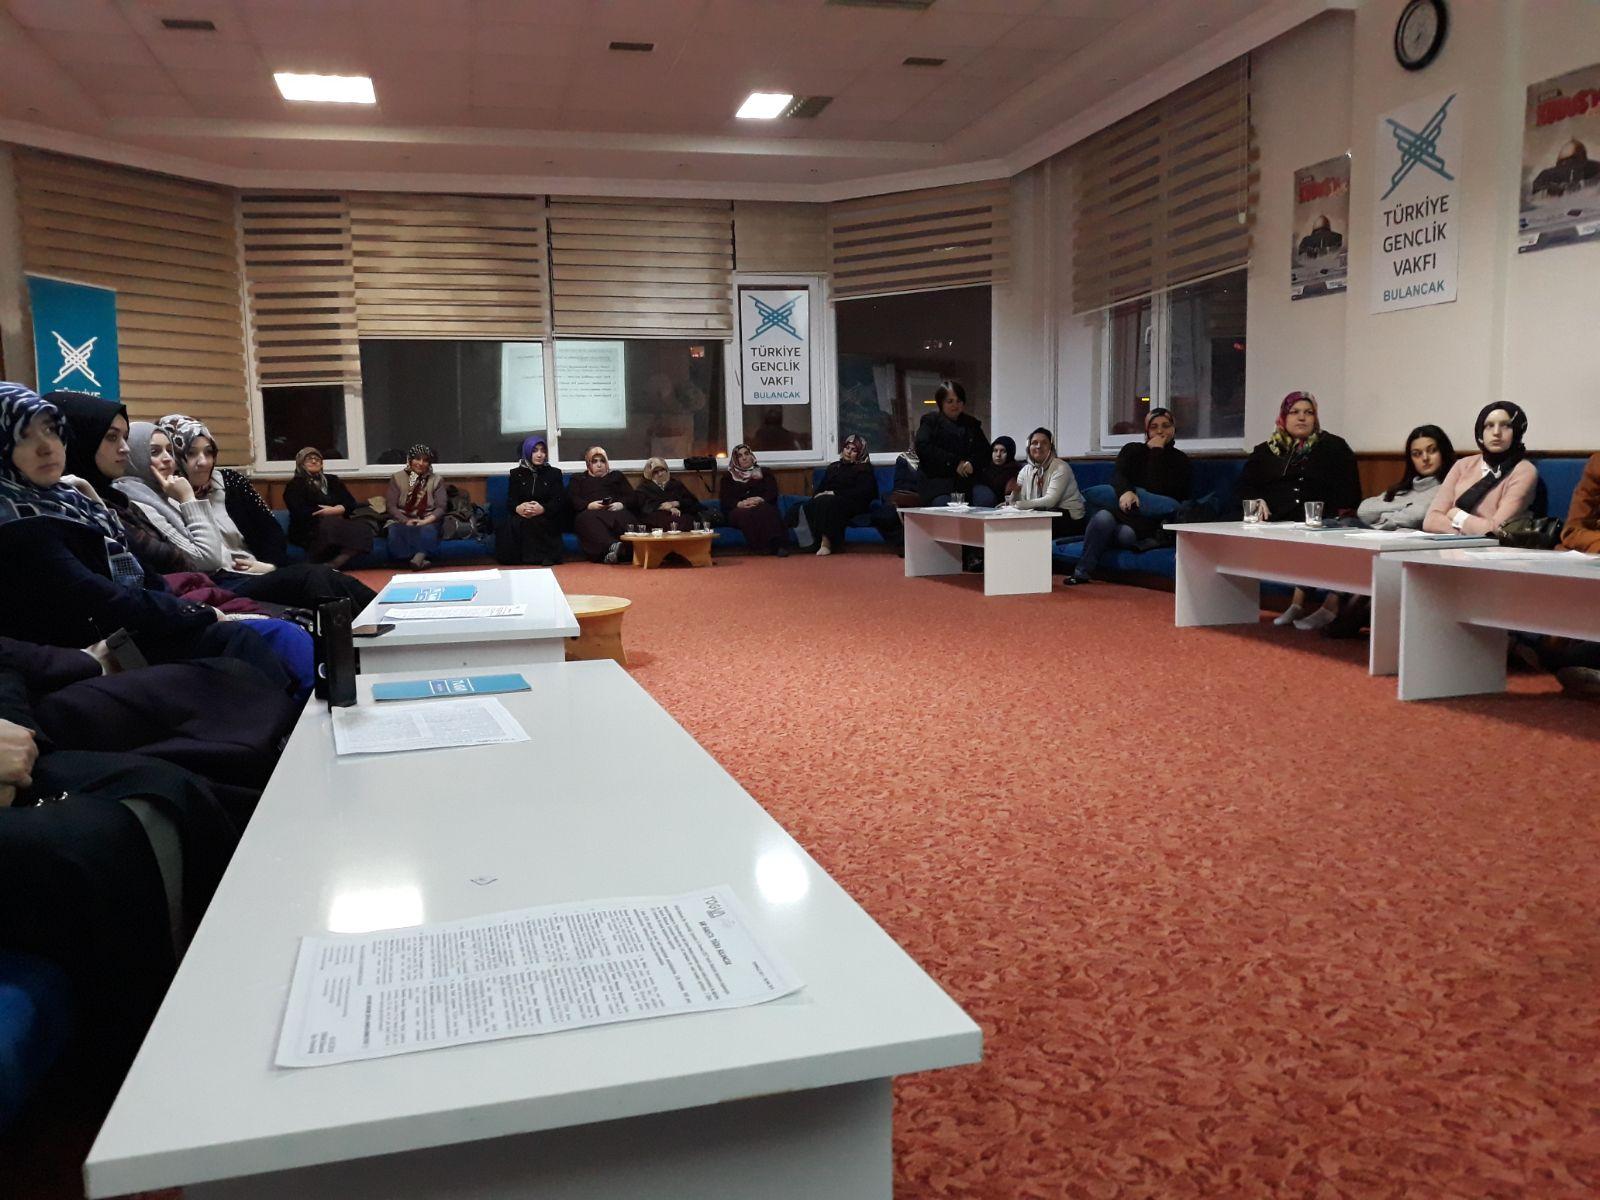 TÜGVA Bulancak'tan Hanımlara aile içi iletişim semineri